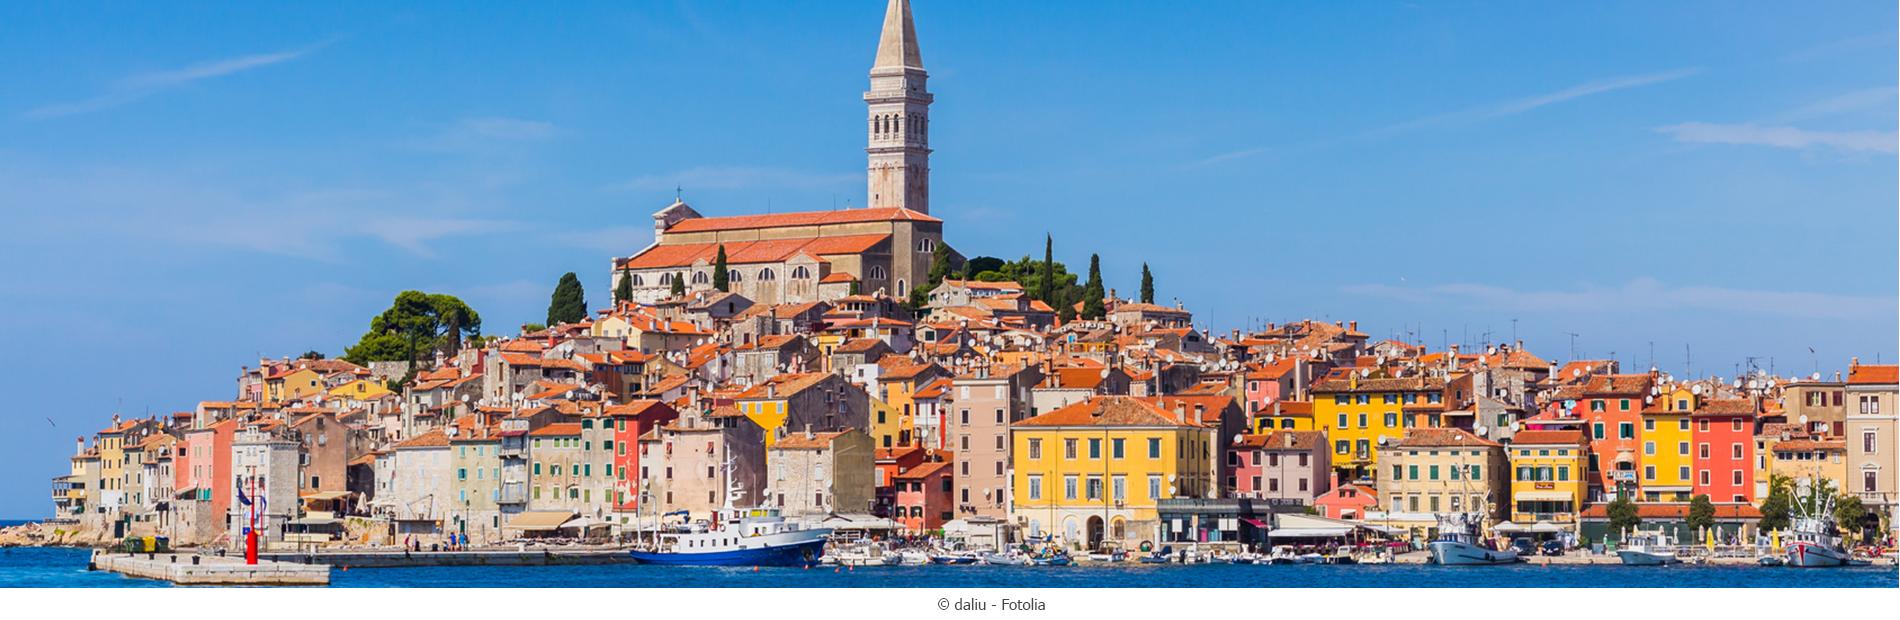 Kroatien-Rovinj